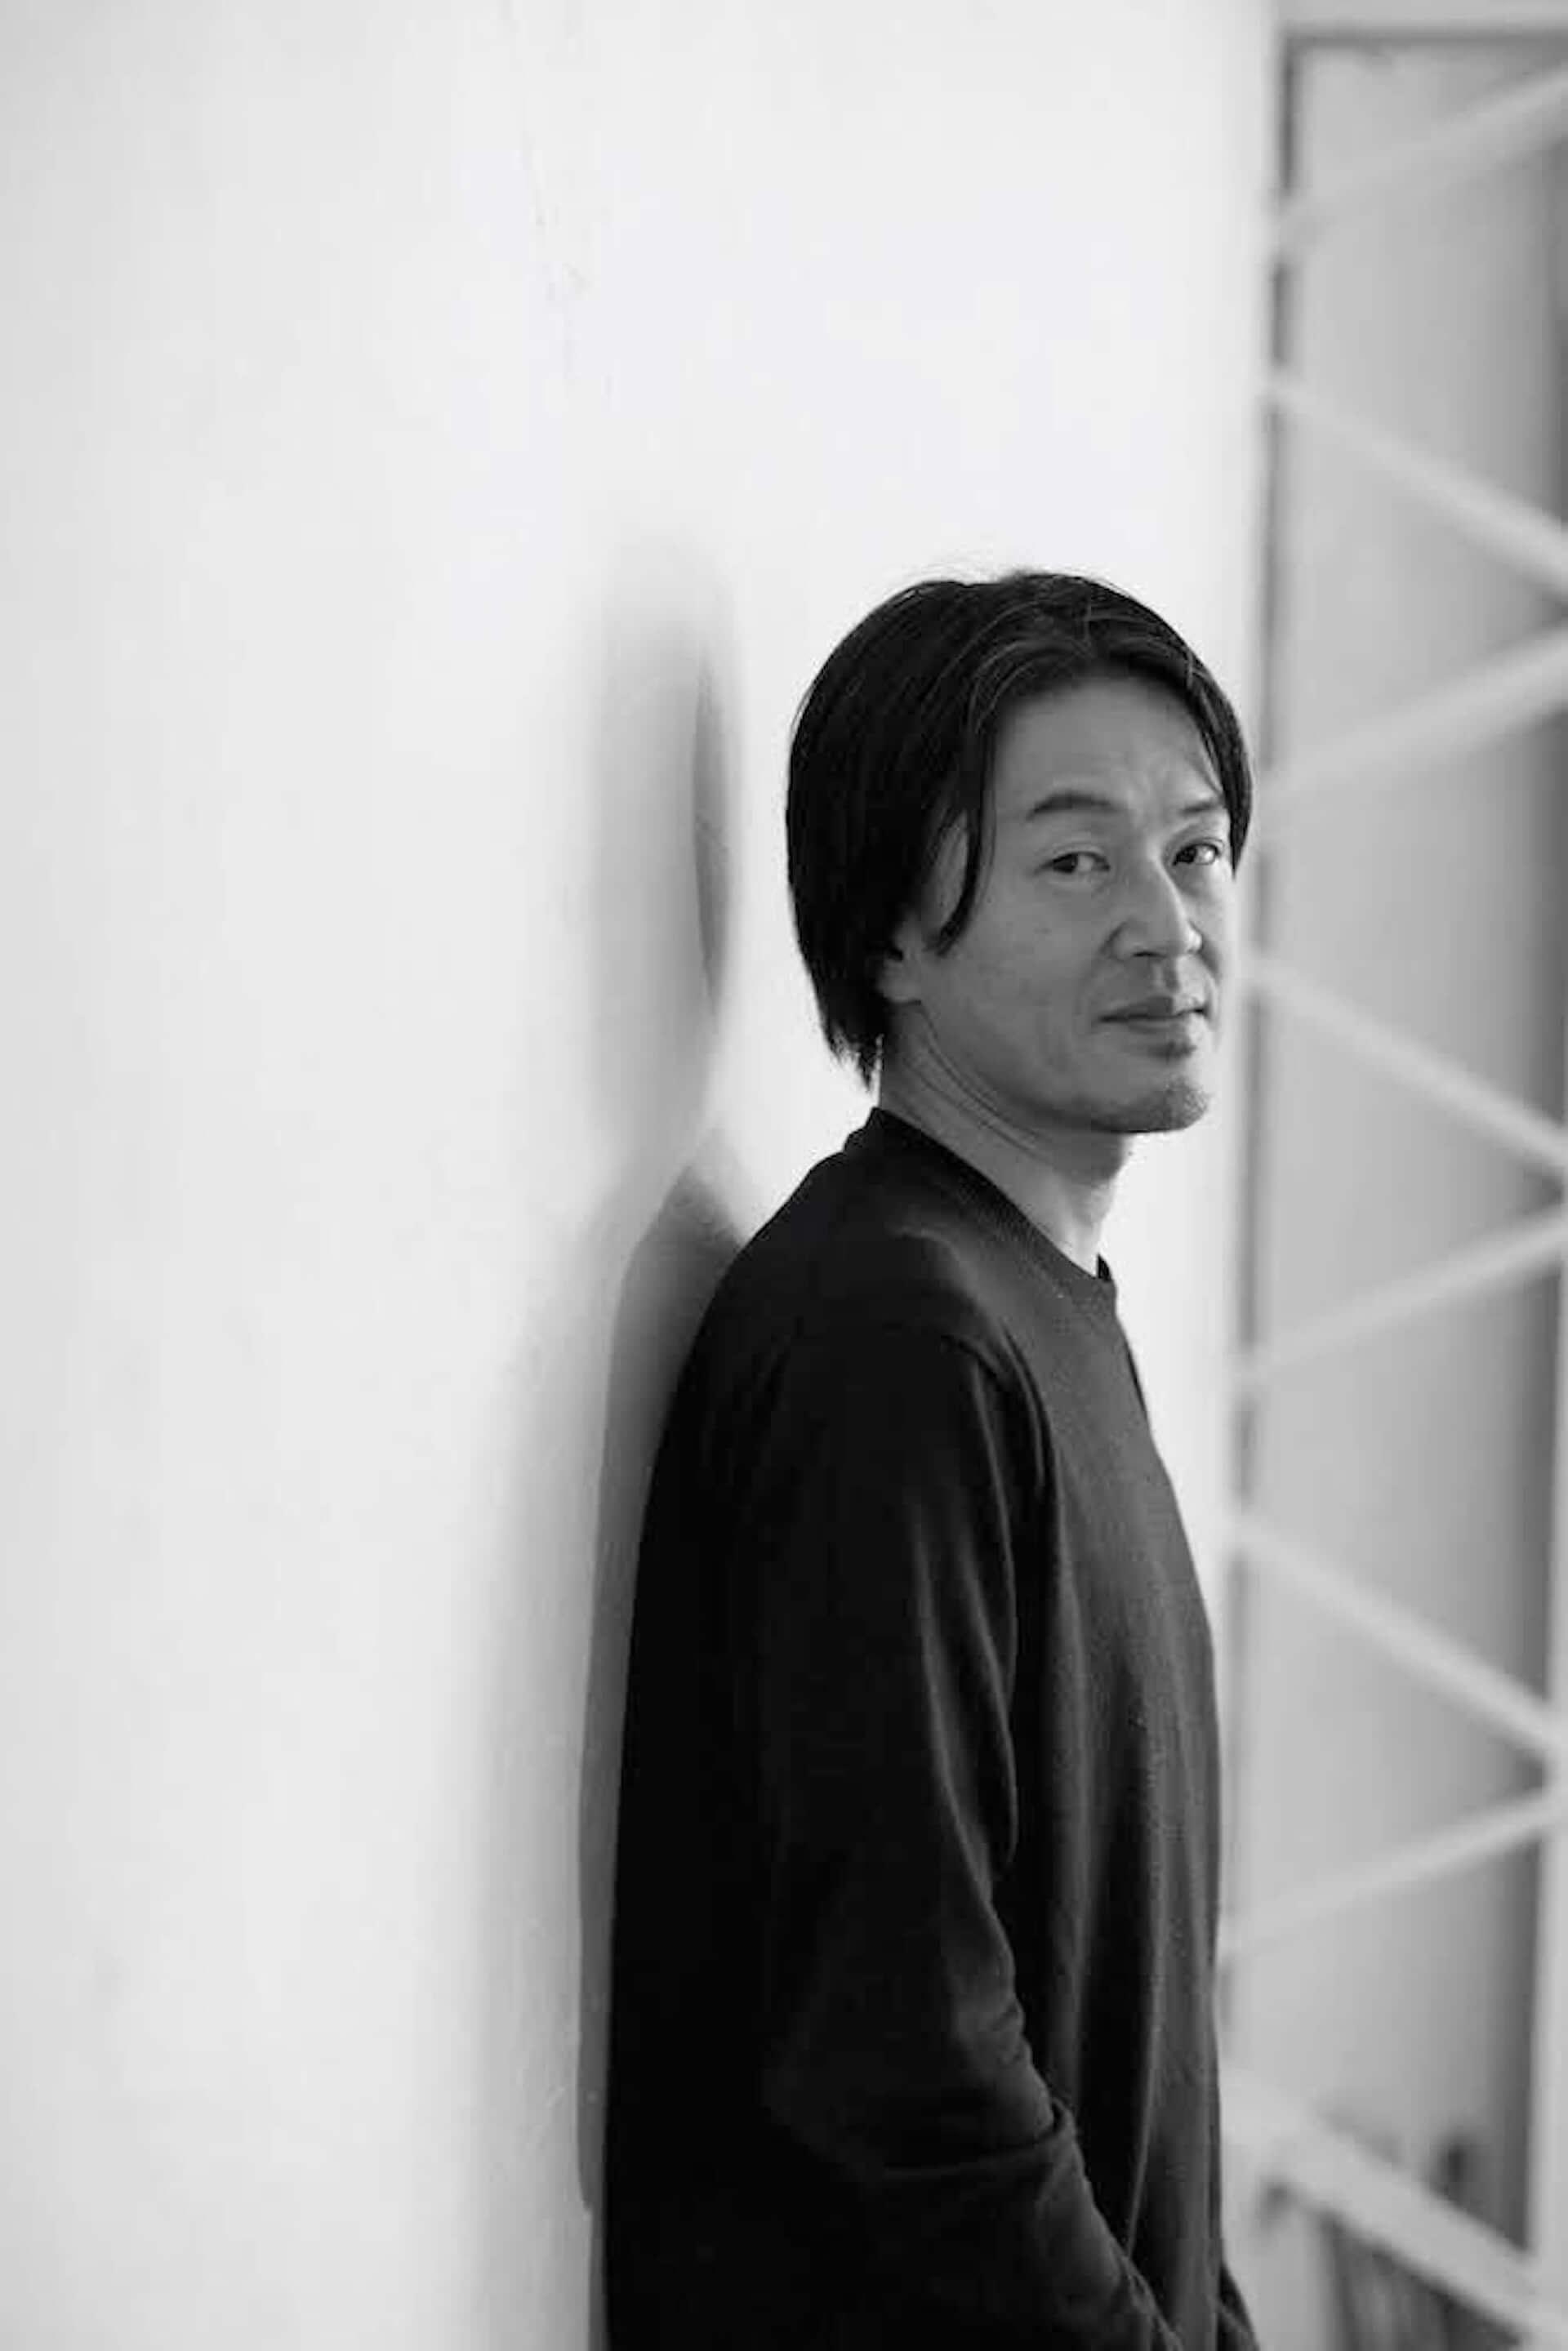 音×禅×食を楽しめる<MUSO Culture Festival>にDJ KRUSH、Yosi Horikawaらが出演決定!アフターパーティーにはKaoru Inoue、ermhoiらが登場 music201225_muso-festival_13-1920x2879